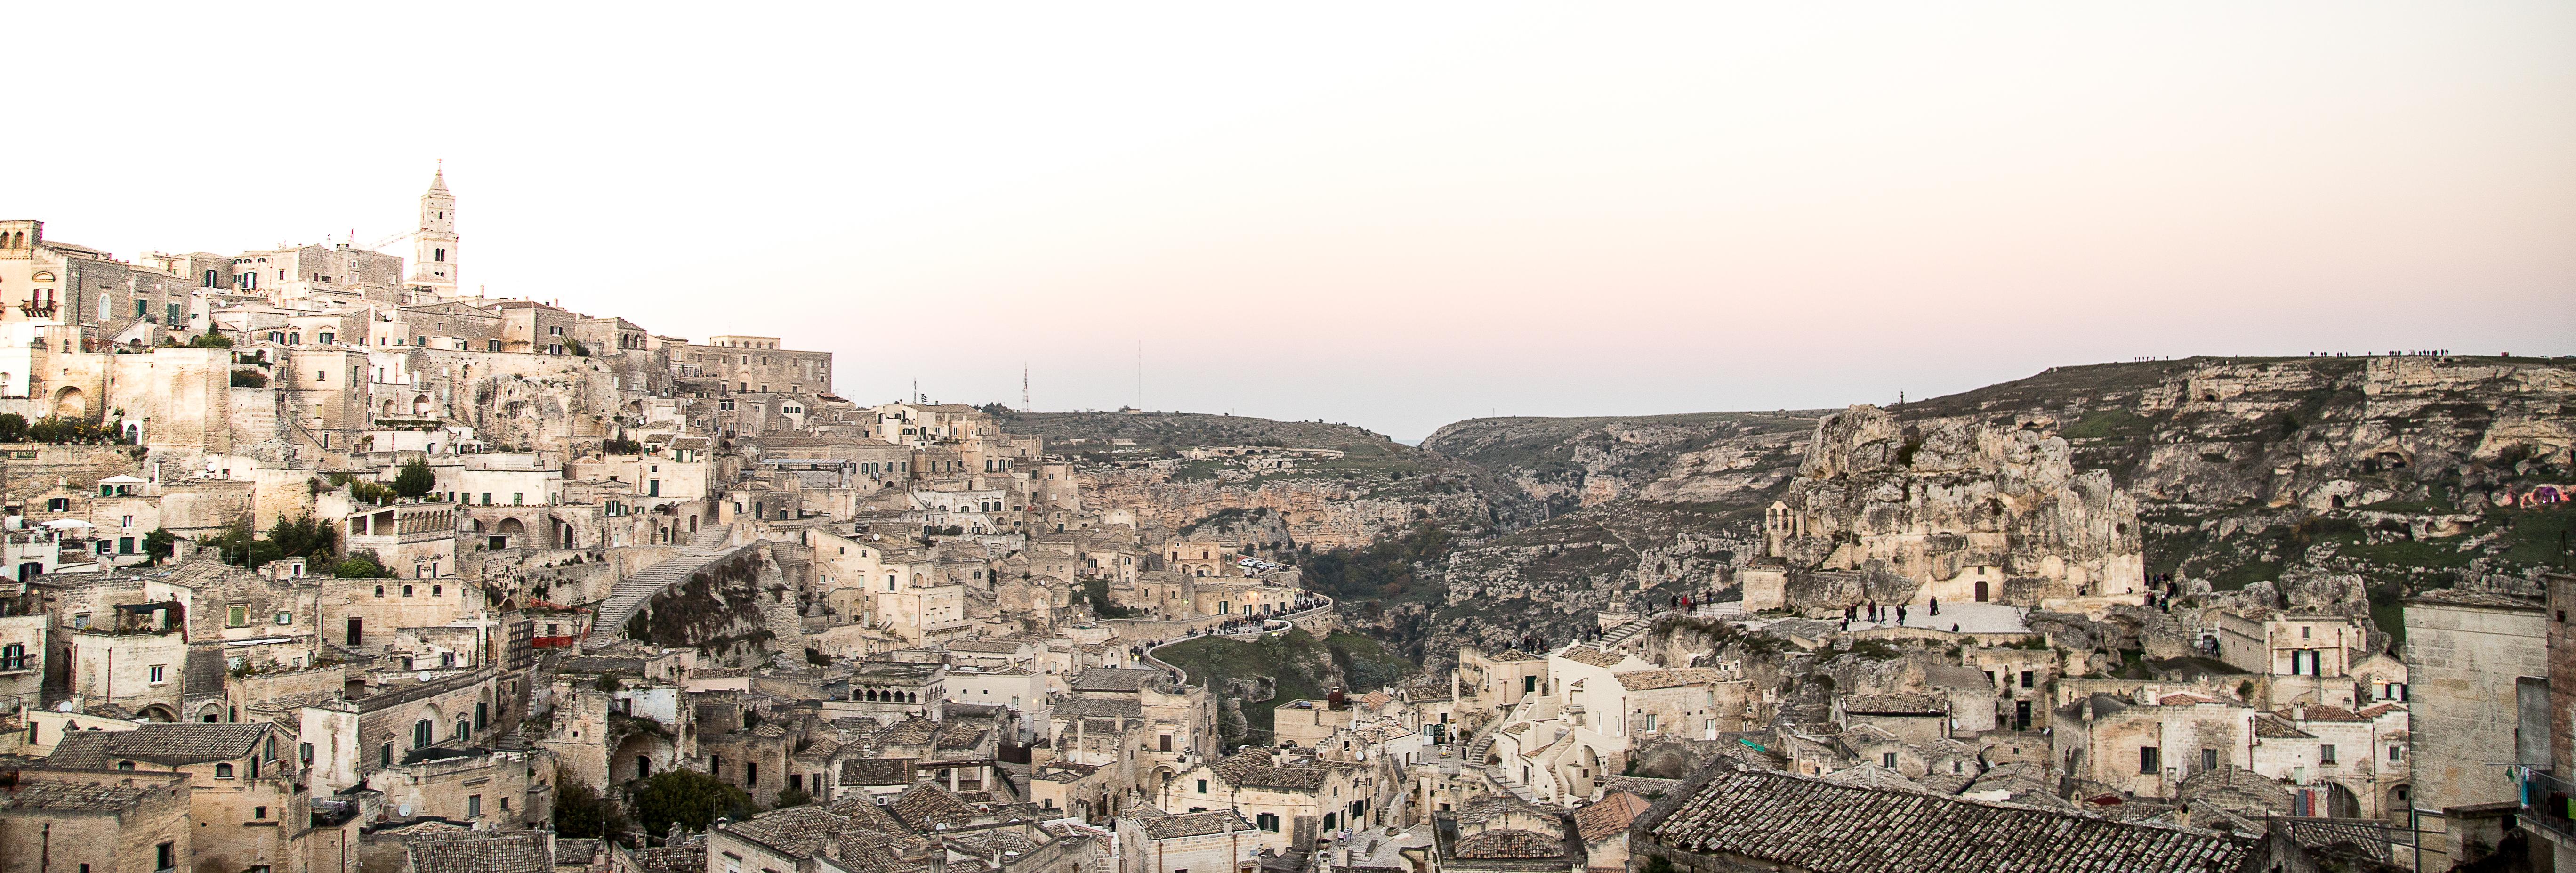 Matera - Vista Panoramica